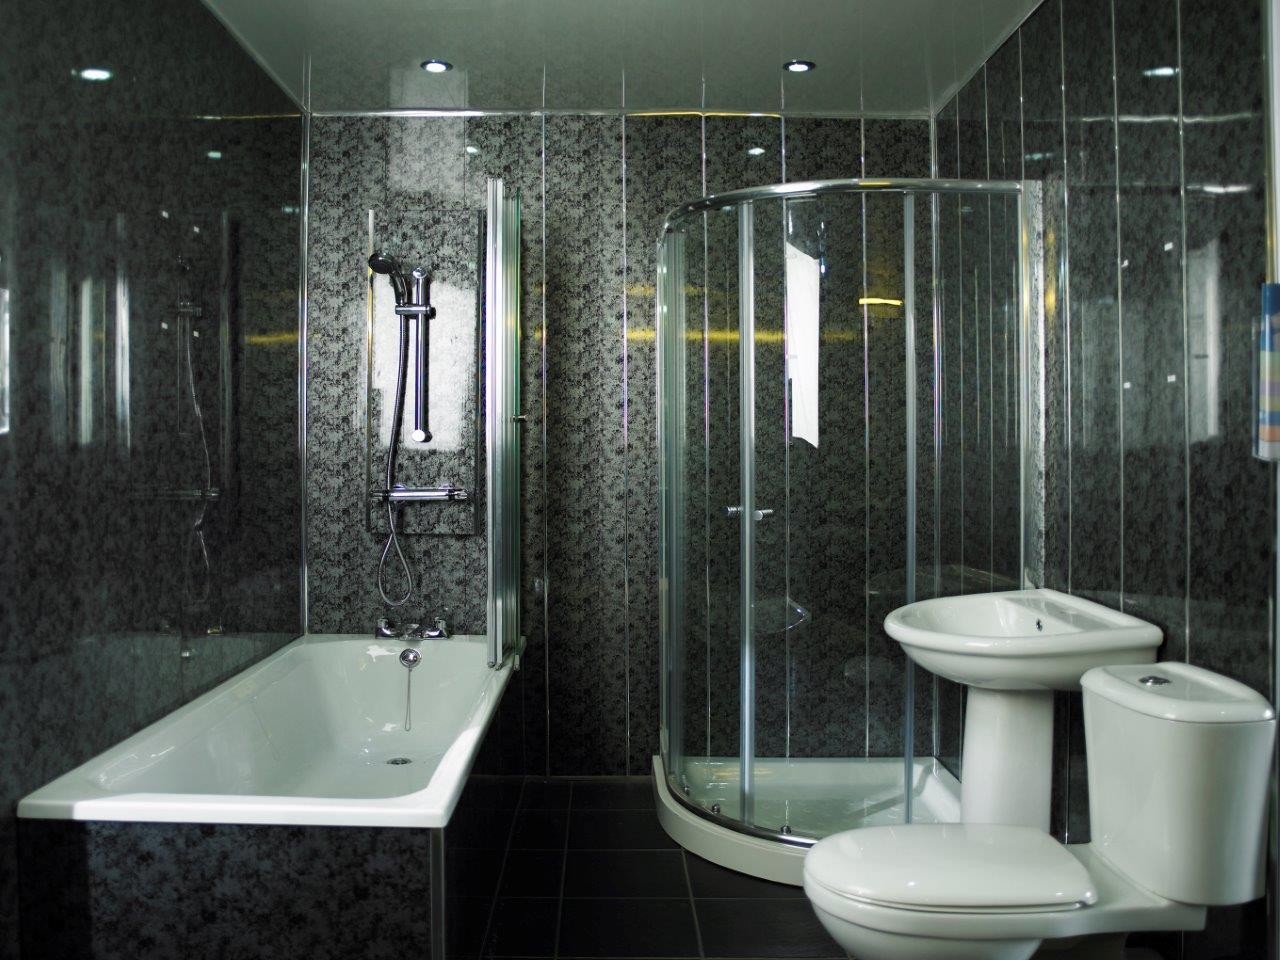 Дизайн маленькой ванной комнаты - 70 фото интерьеров, идеи ...